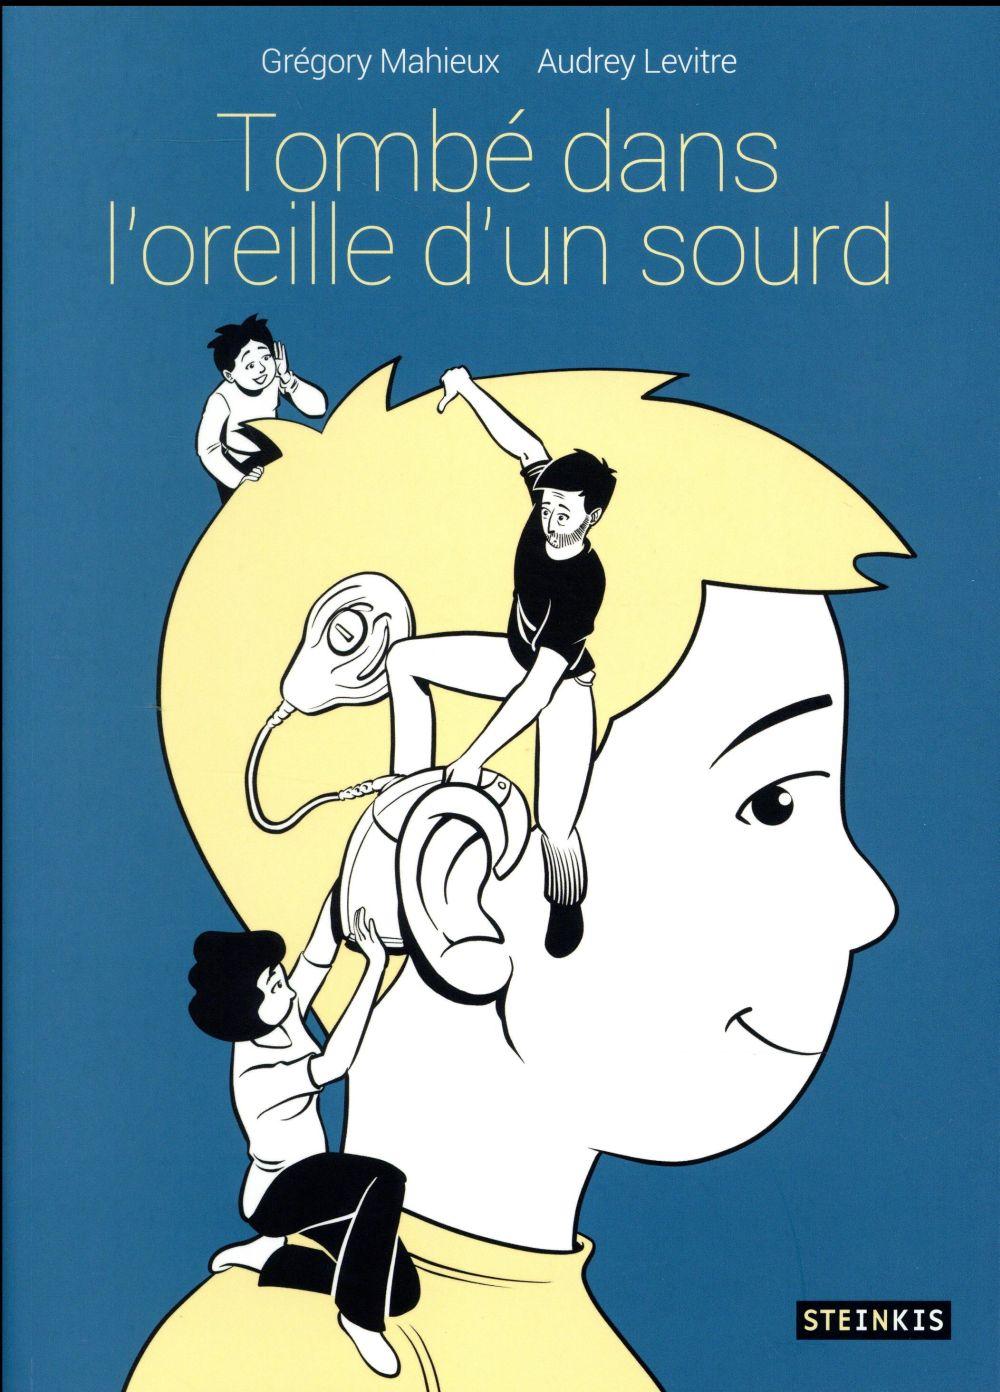 TOMBE DANS L'OREILLE D'UN SOURD